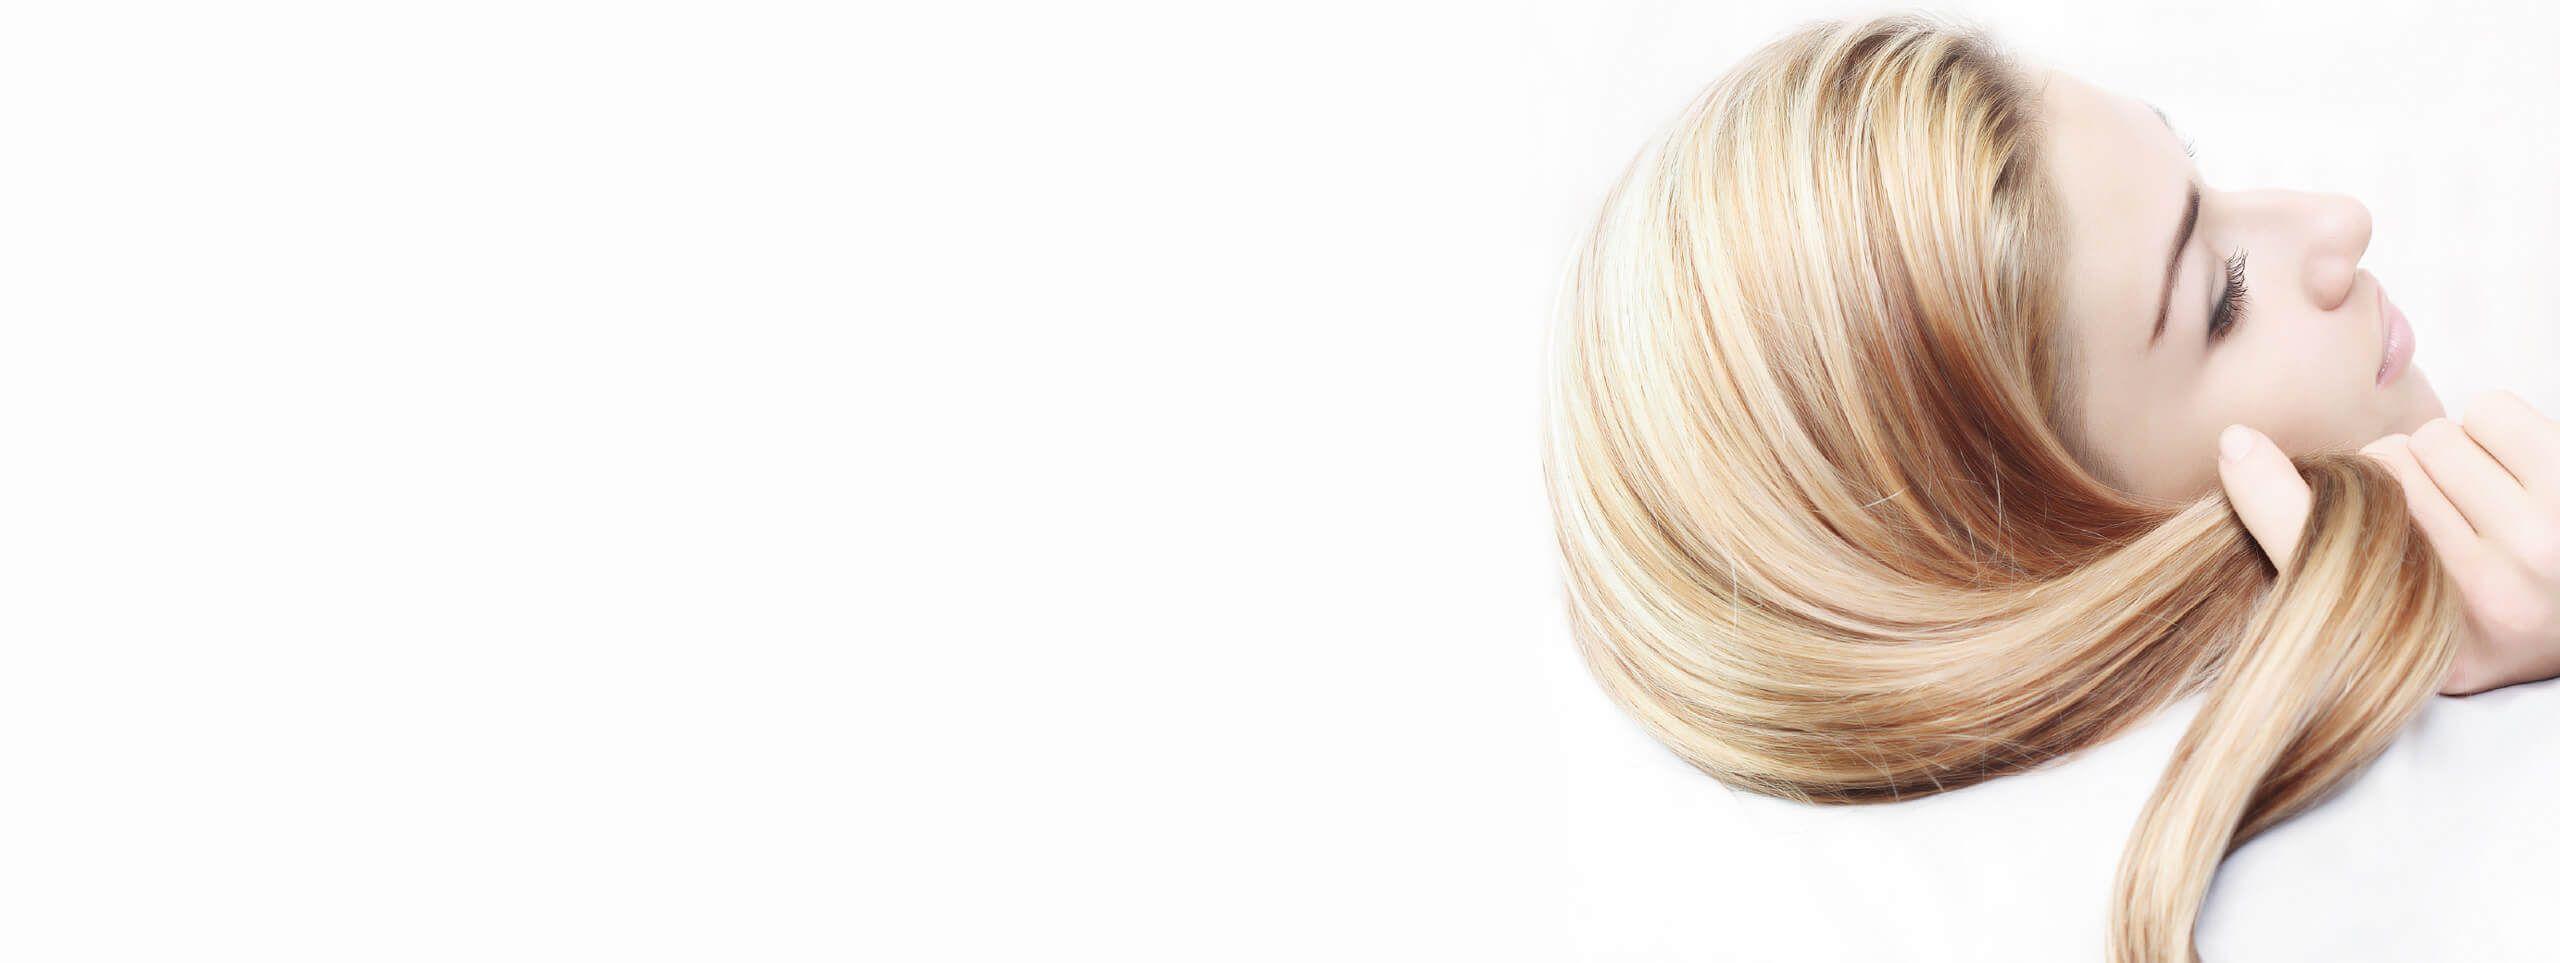 Donna con capelli biondi lisci e splendenti